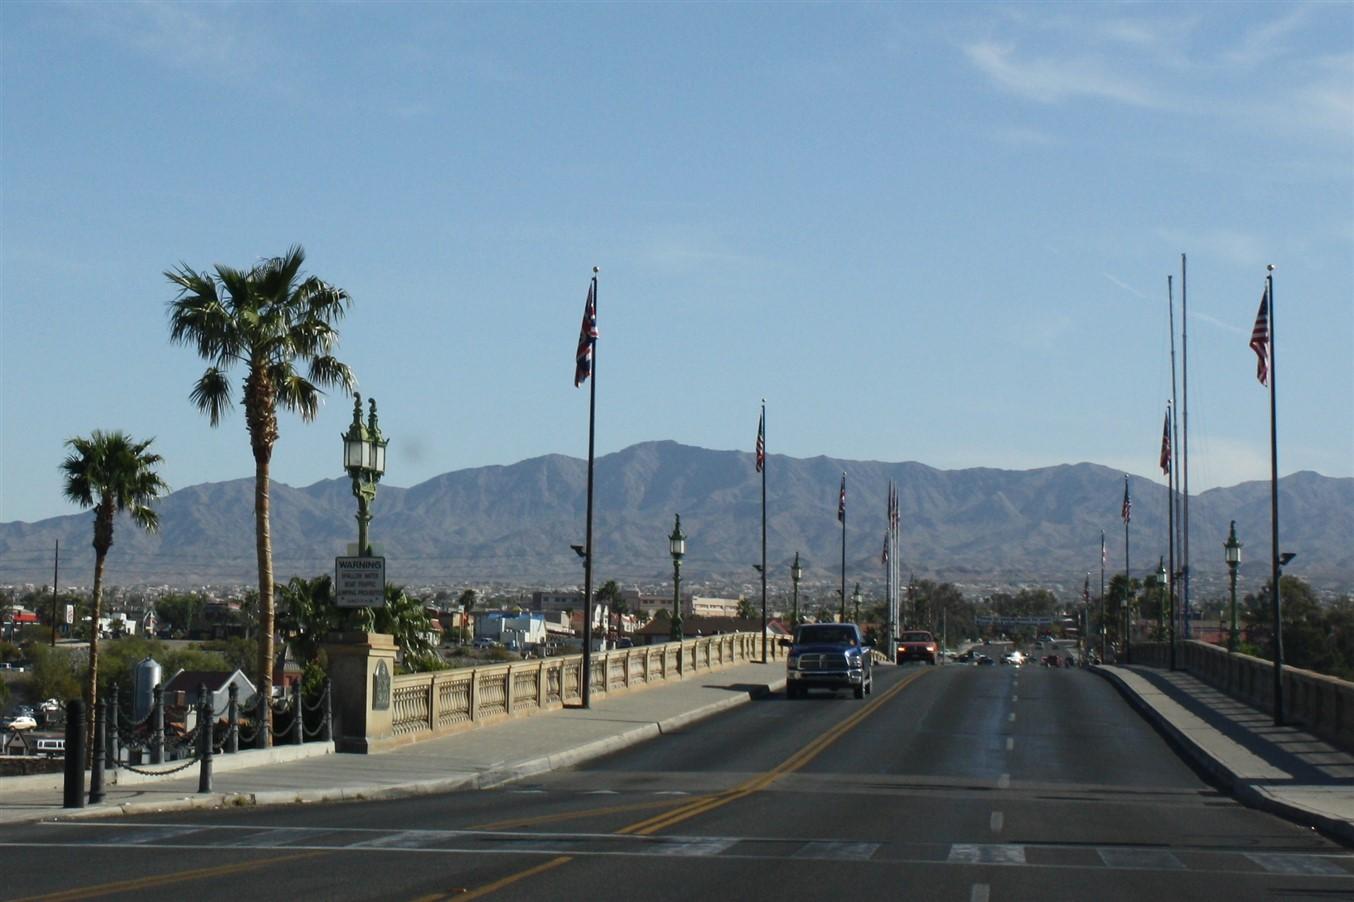 2012 03 14 Route 66 Road Trip 79 Lake Havasu City Arizona.jpg